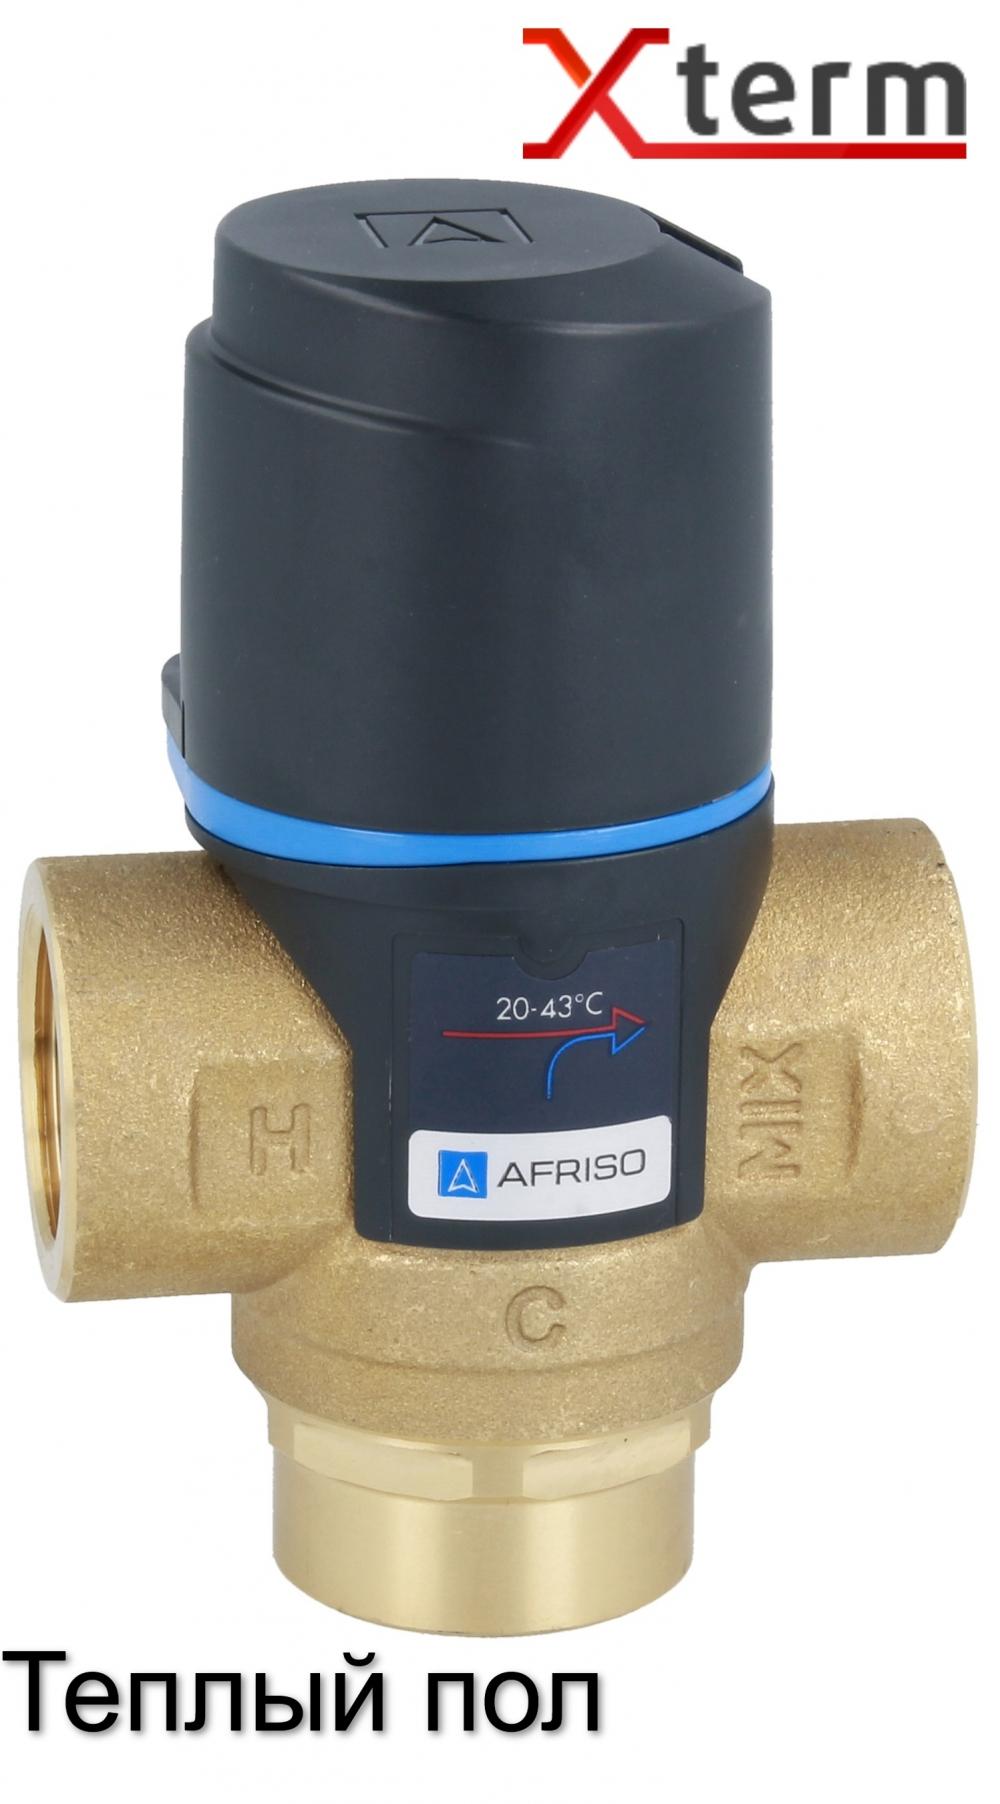 """Термостатический клапан 3/4"""" Afriso ATM 331 на теплый пол T=20-43°C Rp 3/4"""" DN20 Kvs 1,6 1233110 - 3"""